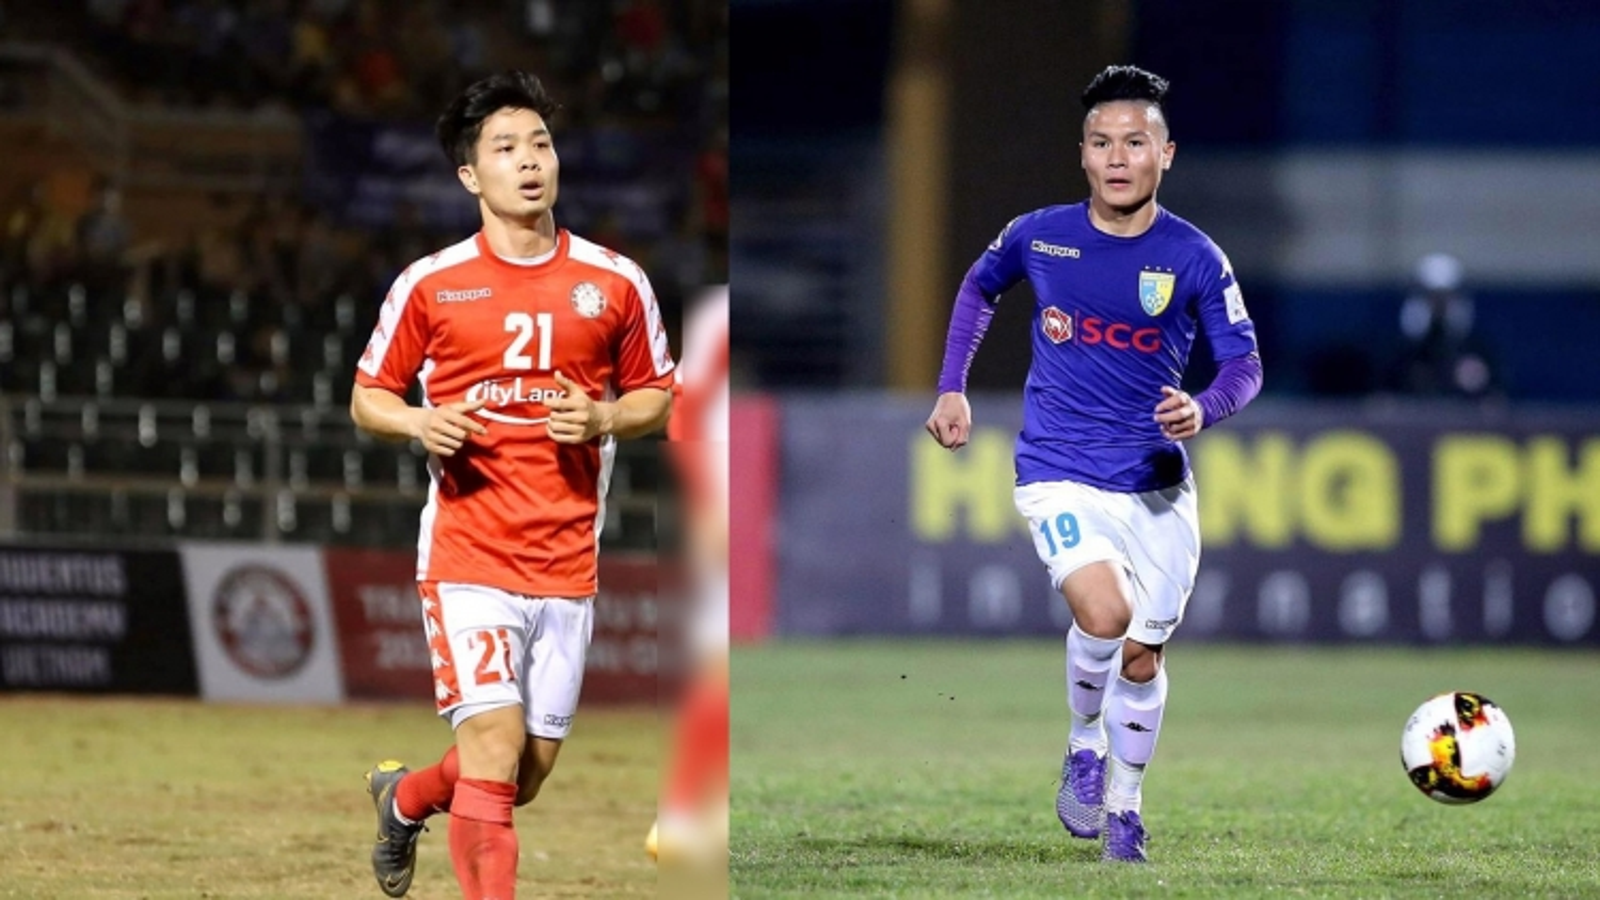 Bất ngờ với giá xem Công Phượng đấu Quang Hải ở vòng 11 V-League 2020